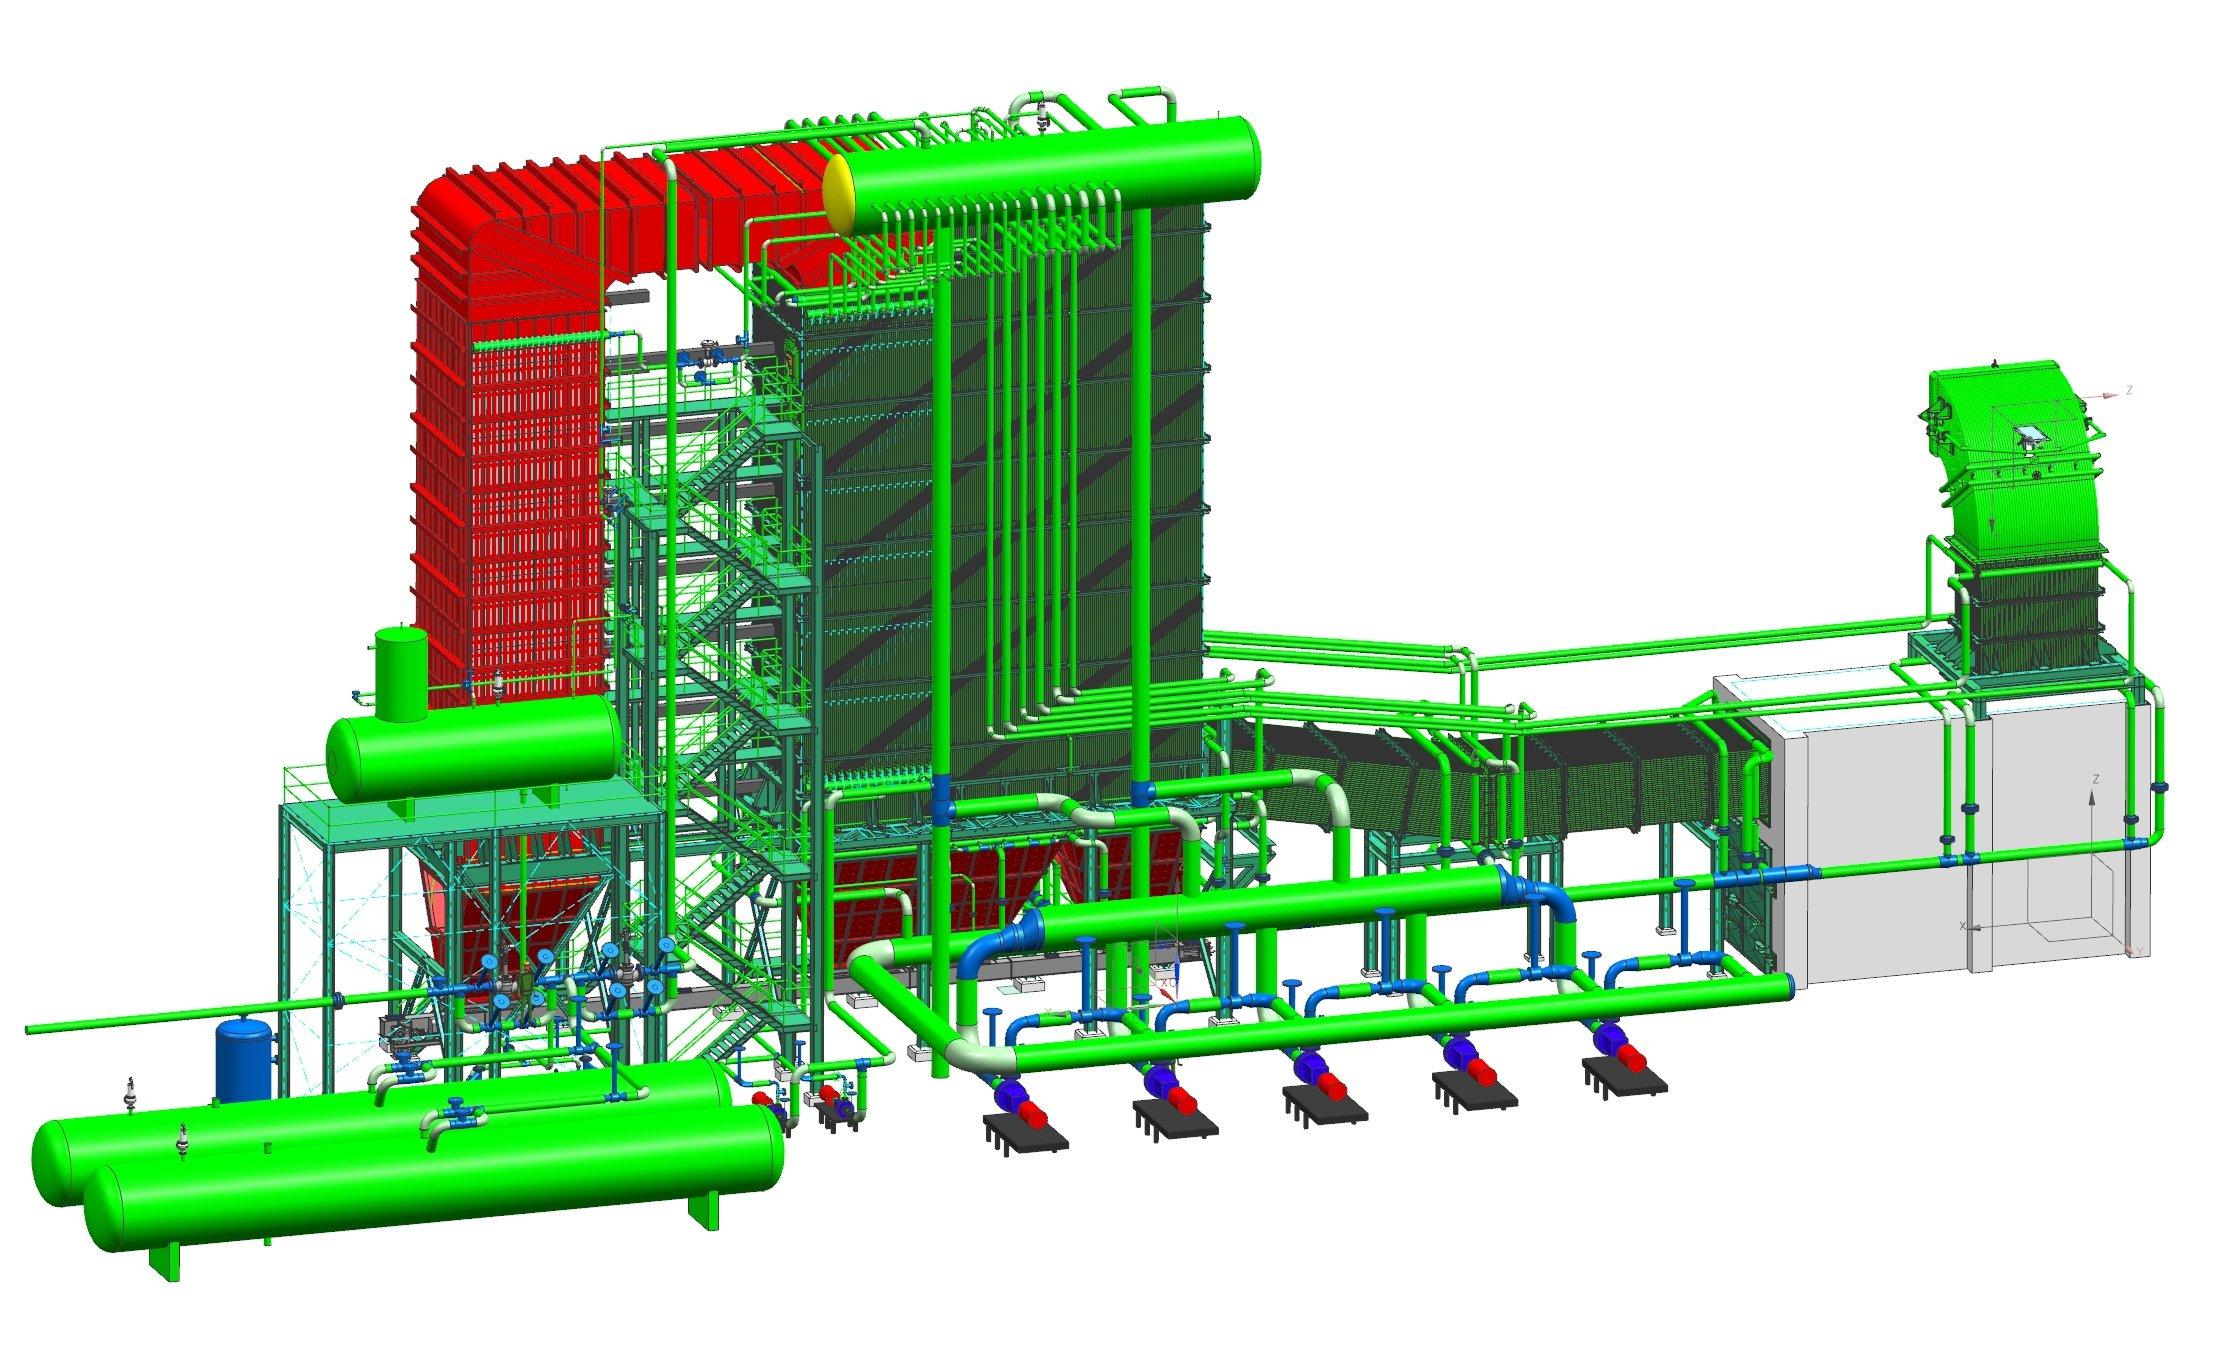 Skizze der Wärmerückgewinnungsanlage von Siemens: Die Wärmenergie aus heißen Abgasen von Elektrolichtbogenöfen wird zur Dampferzeugung genutzt.